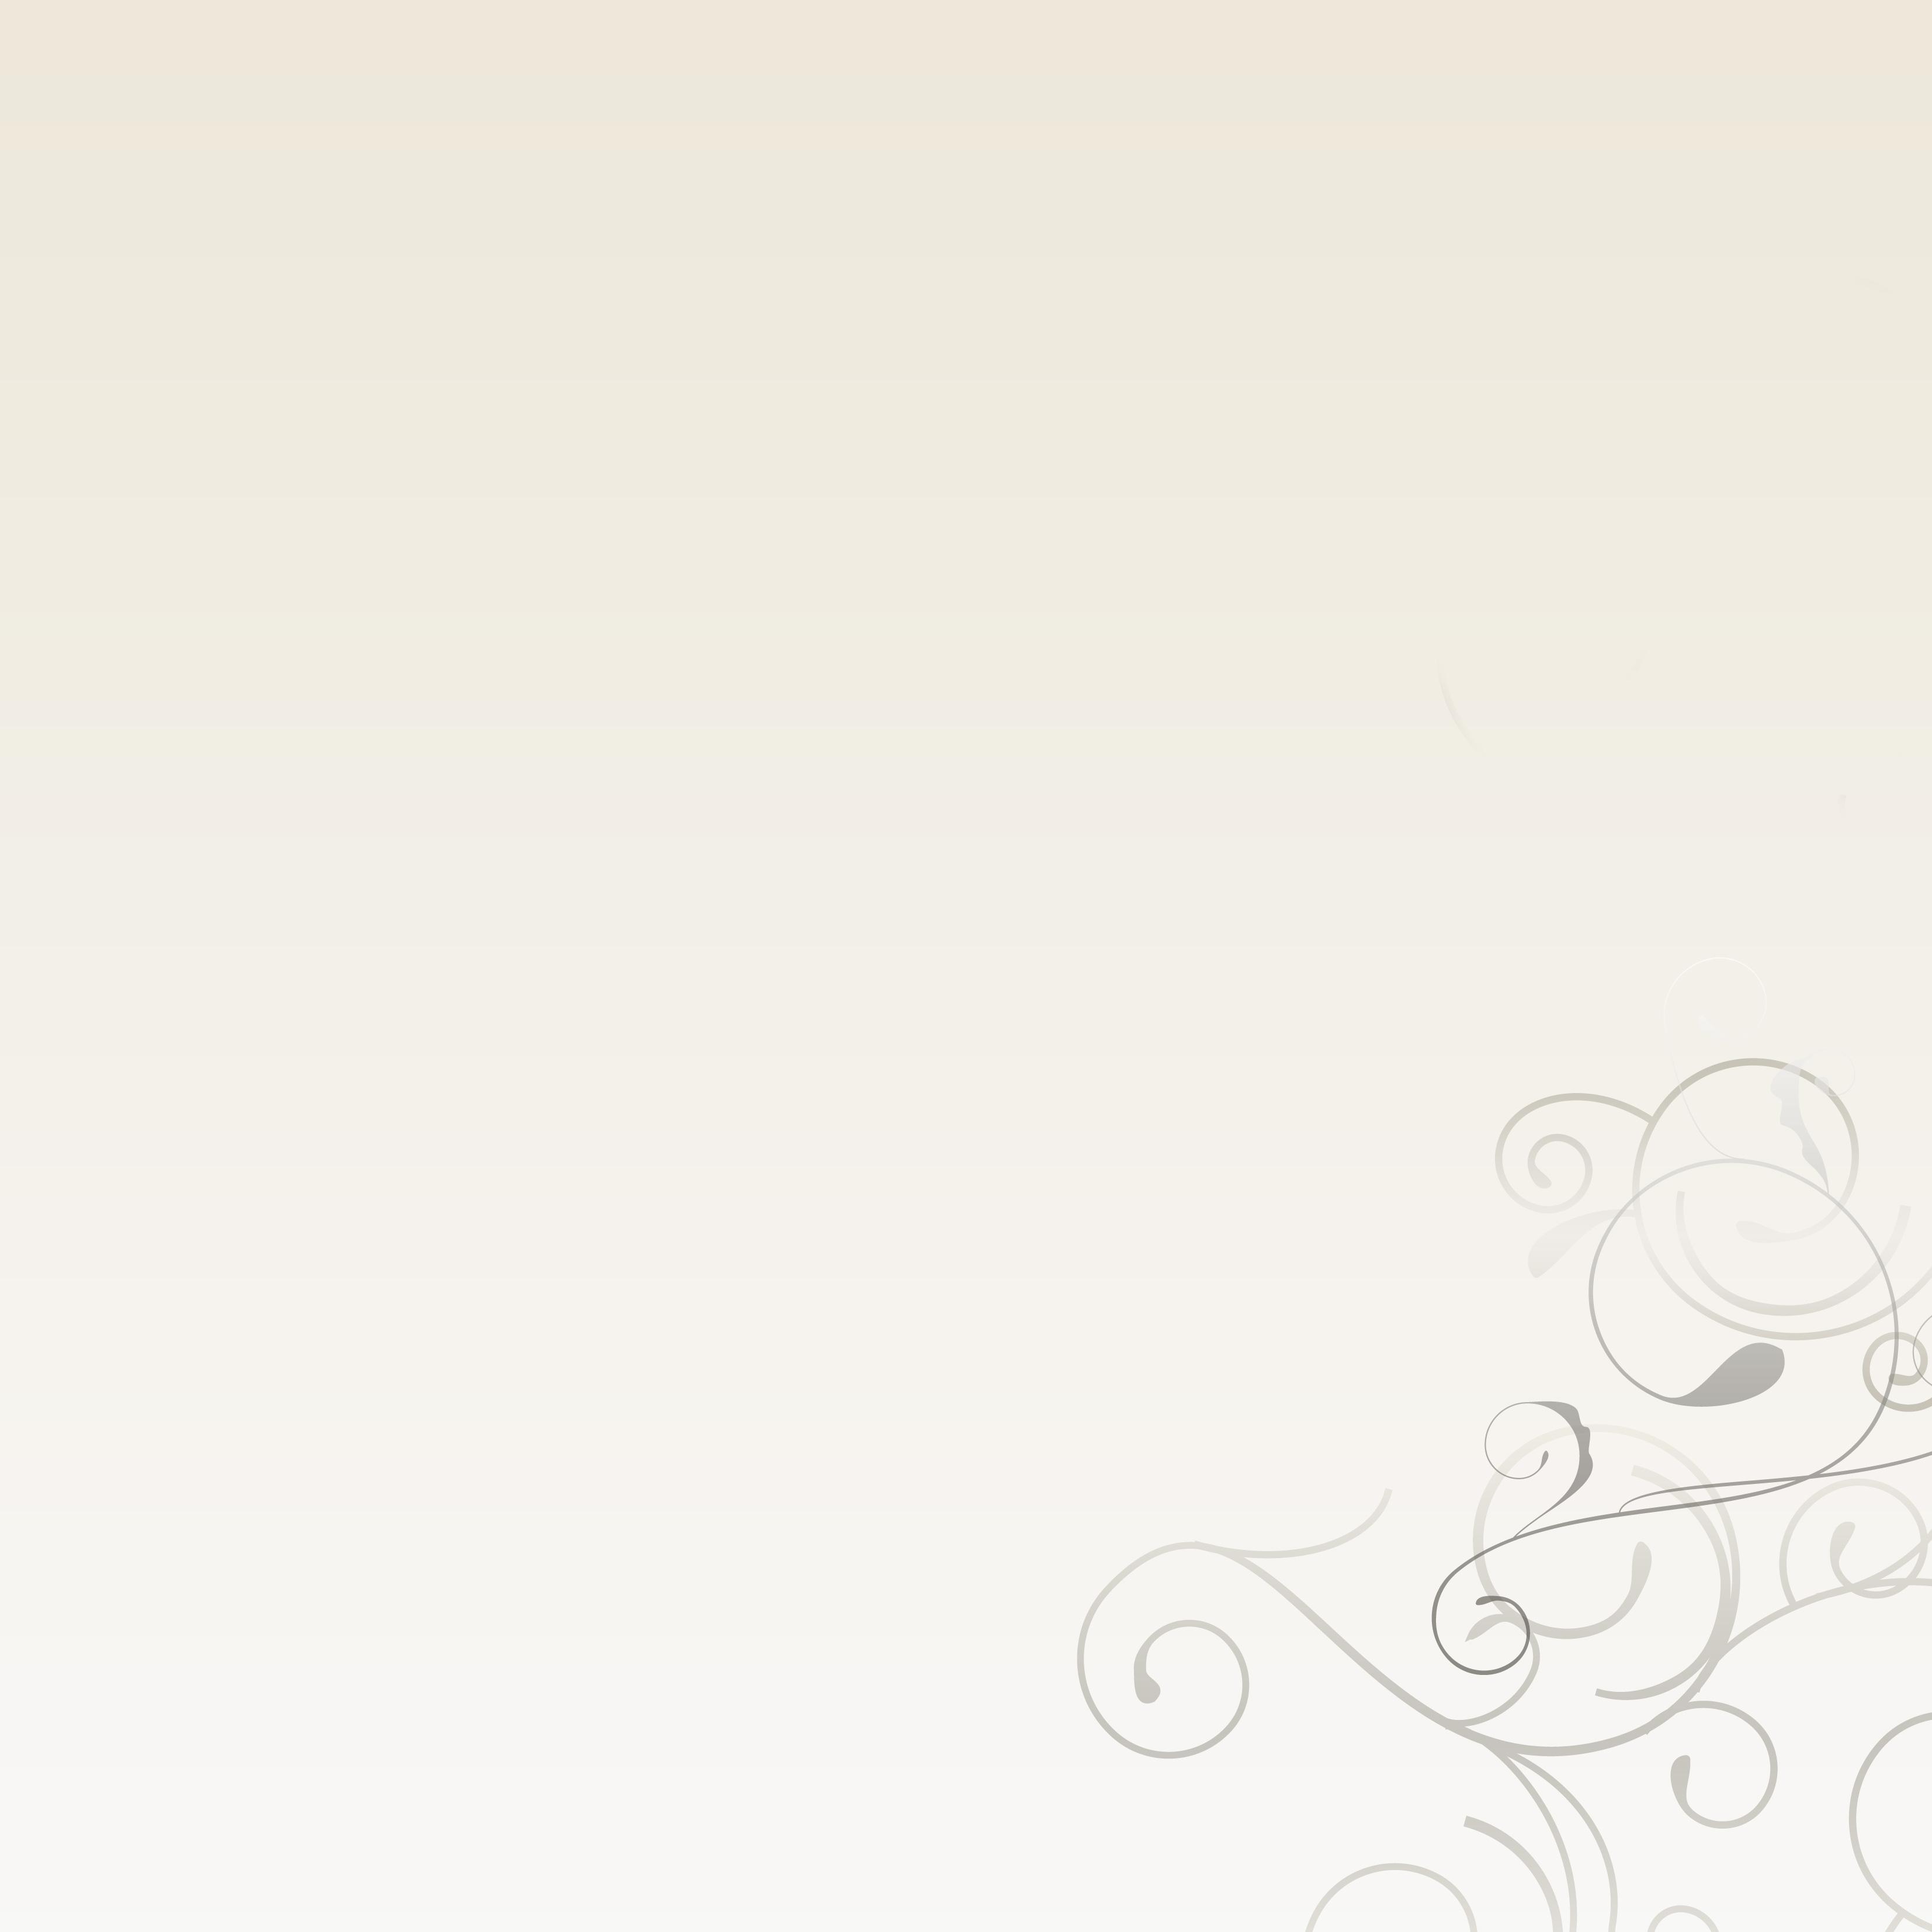 Hintergrundbilder Hochzeit Kostenlos Fr Ihre Karten und